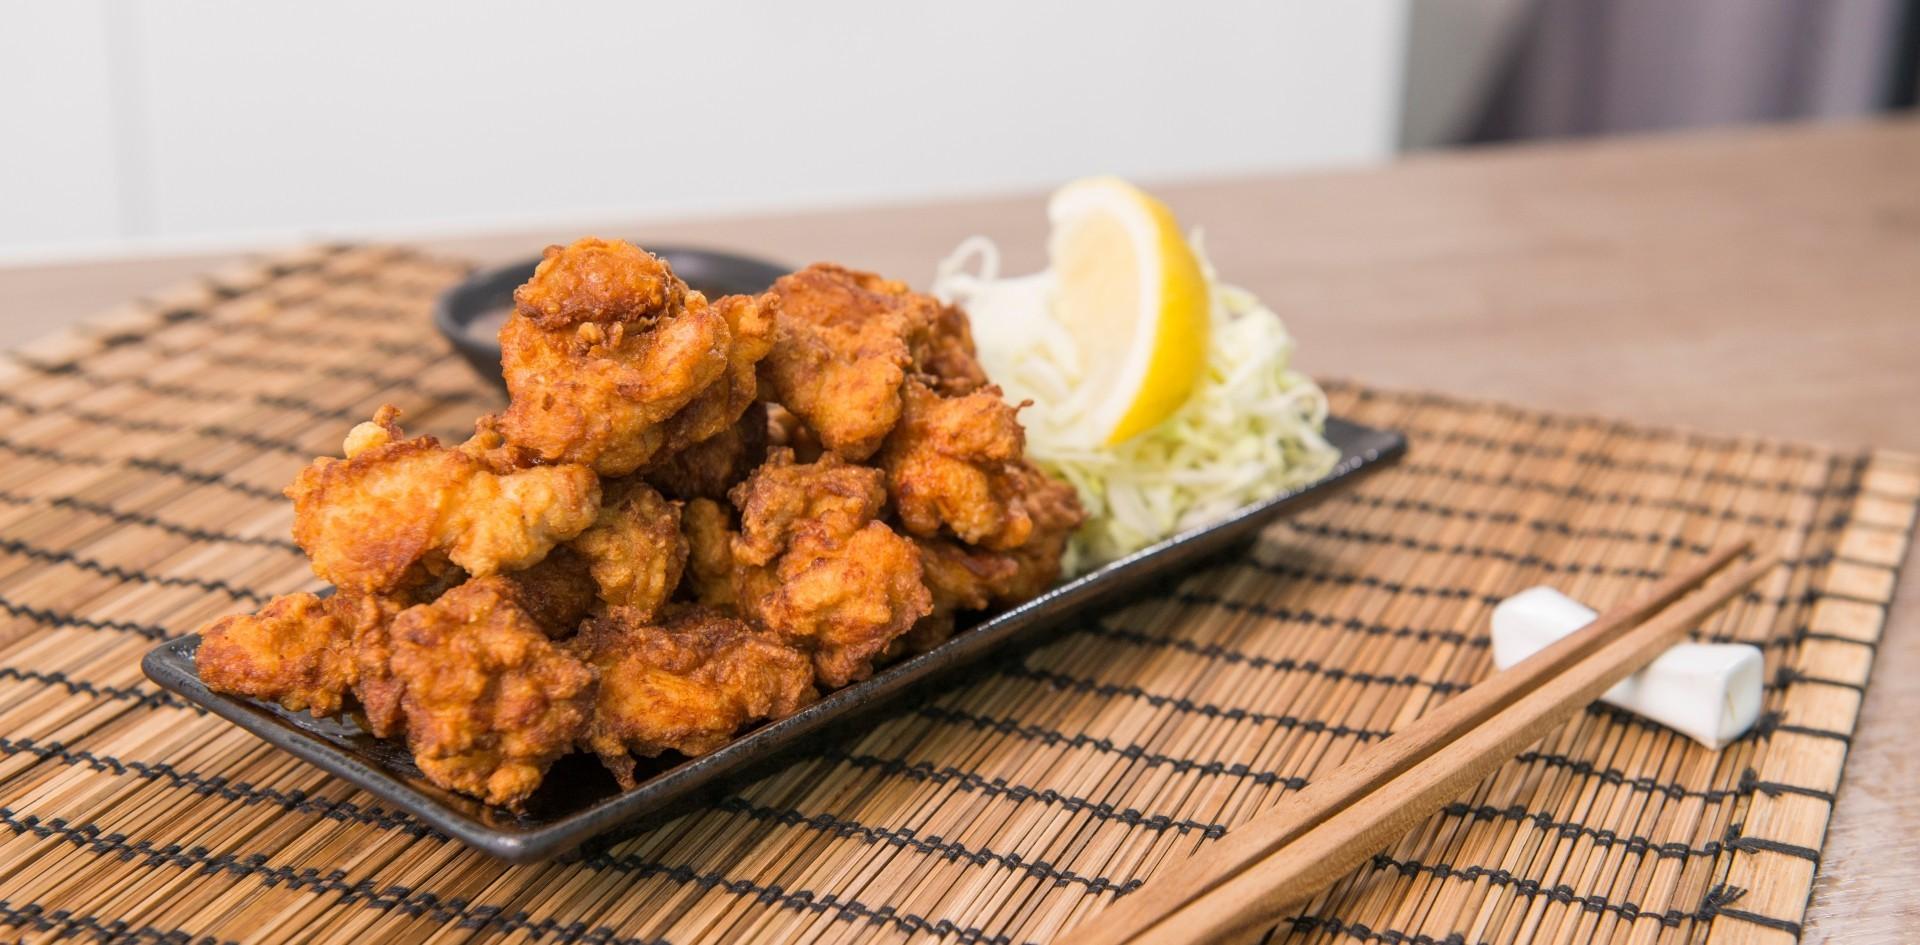 """วิธีทำ """"ไก่ทอดคาราอะเกะ"""" เมนูไก่ กรอบนอกนุ่มใน ฟินไกลเหมือนไปญี่ปุ่น!"""